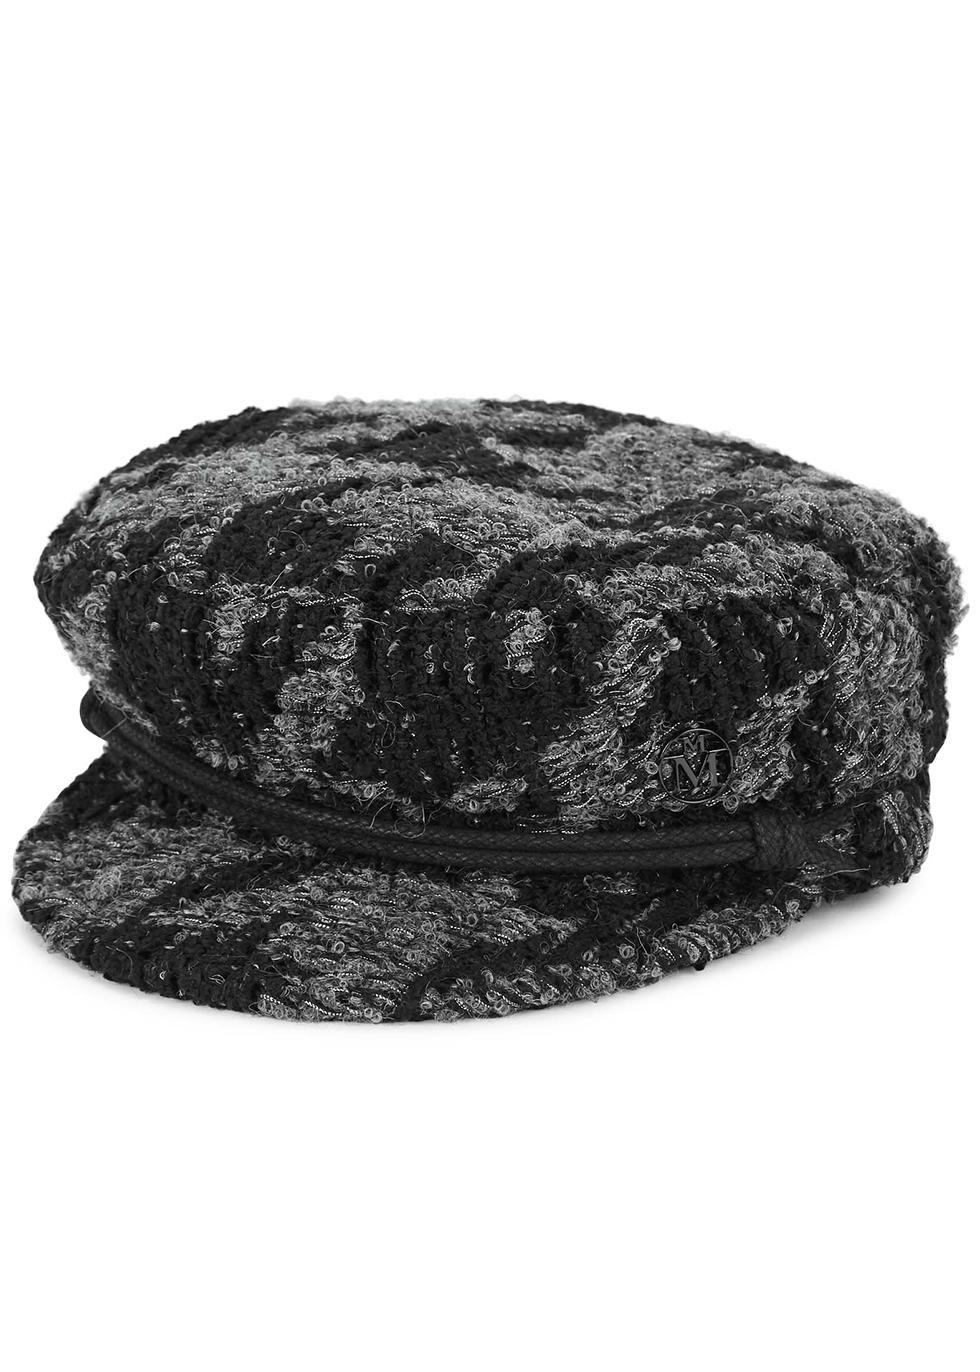 New Abby black tweed cap